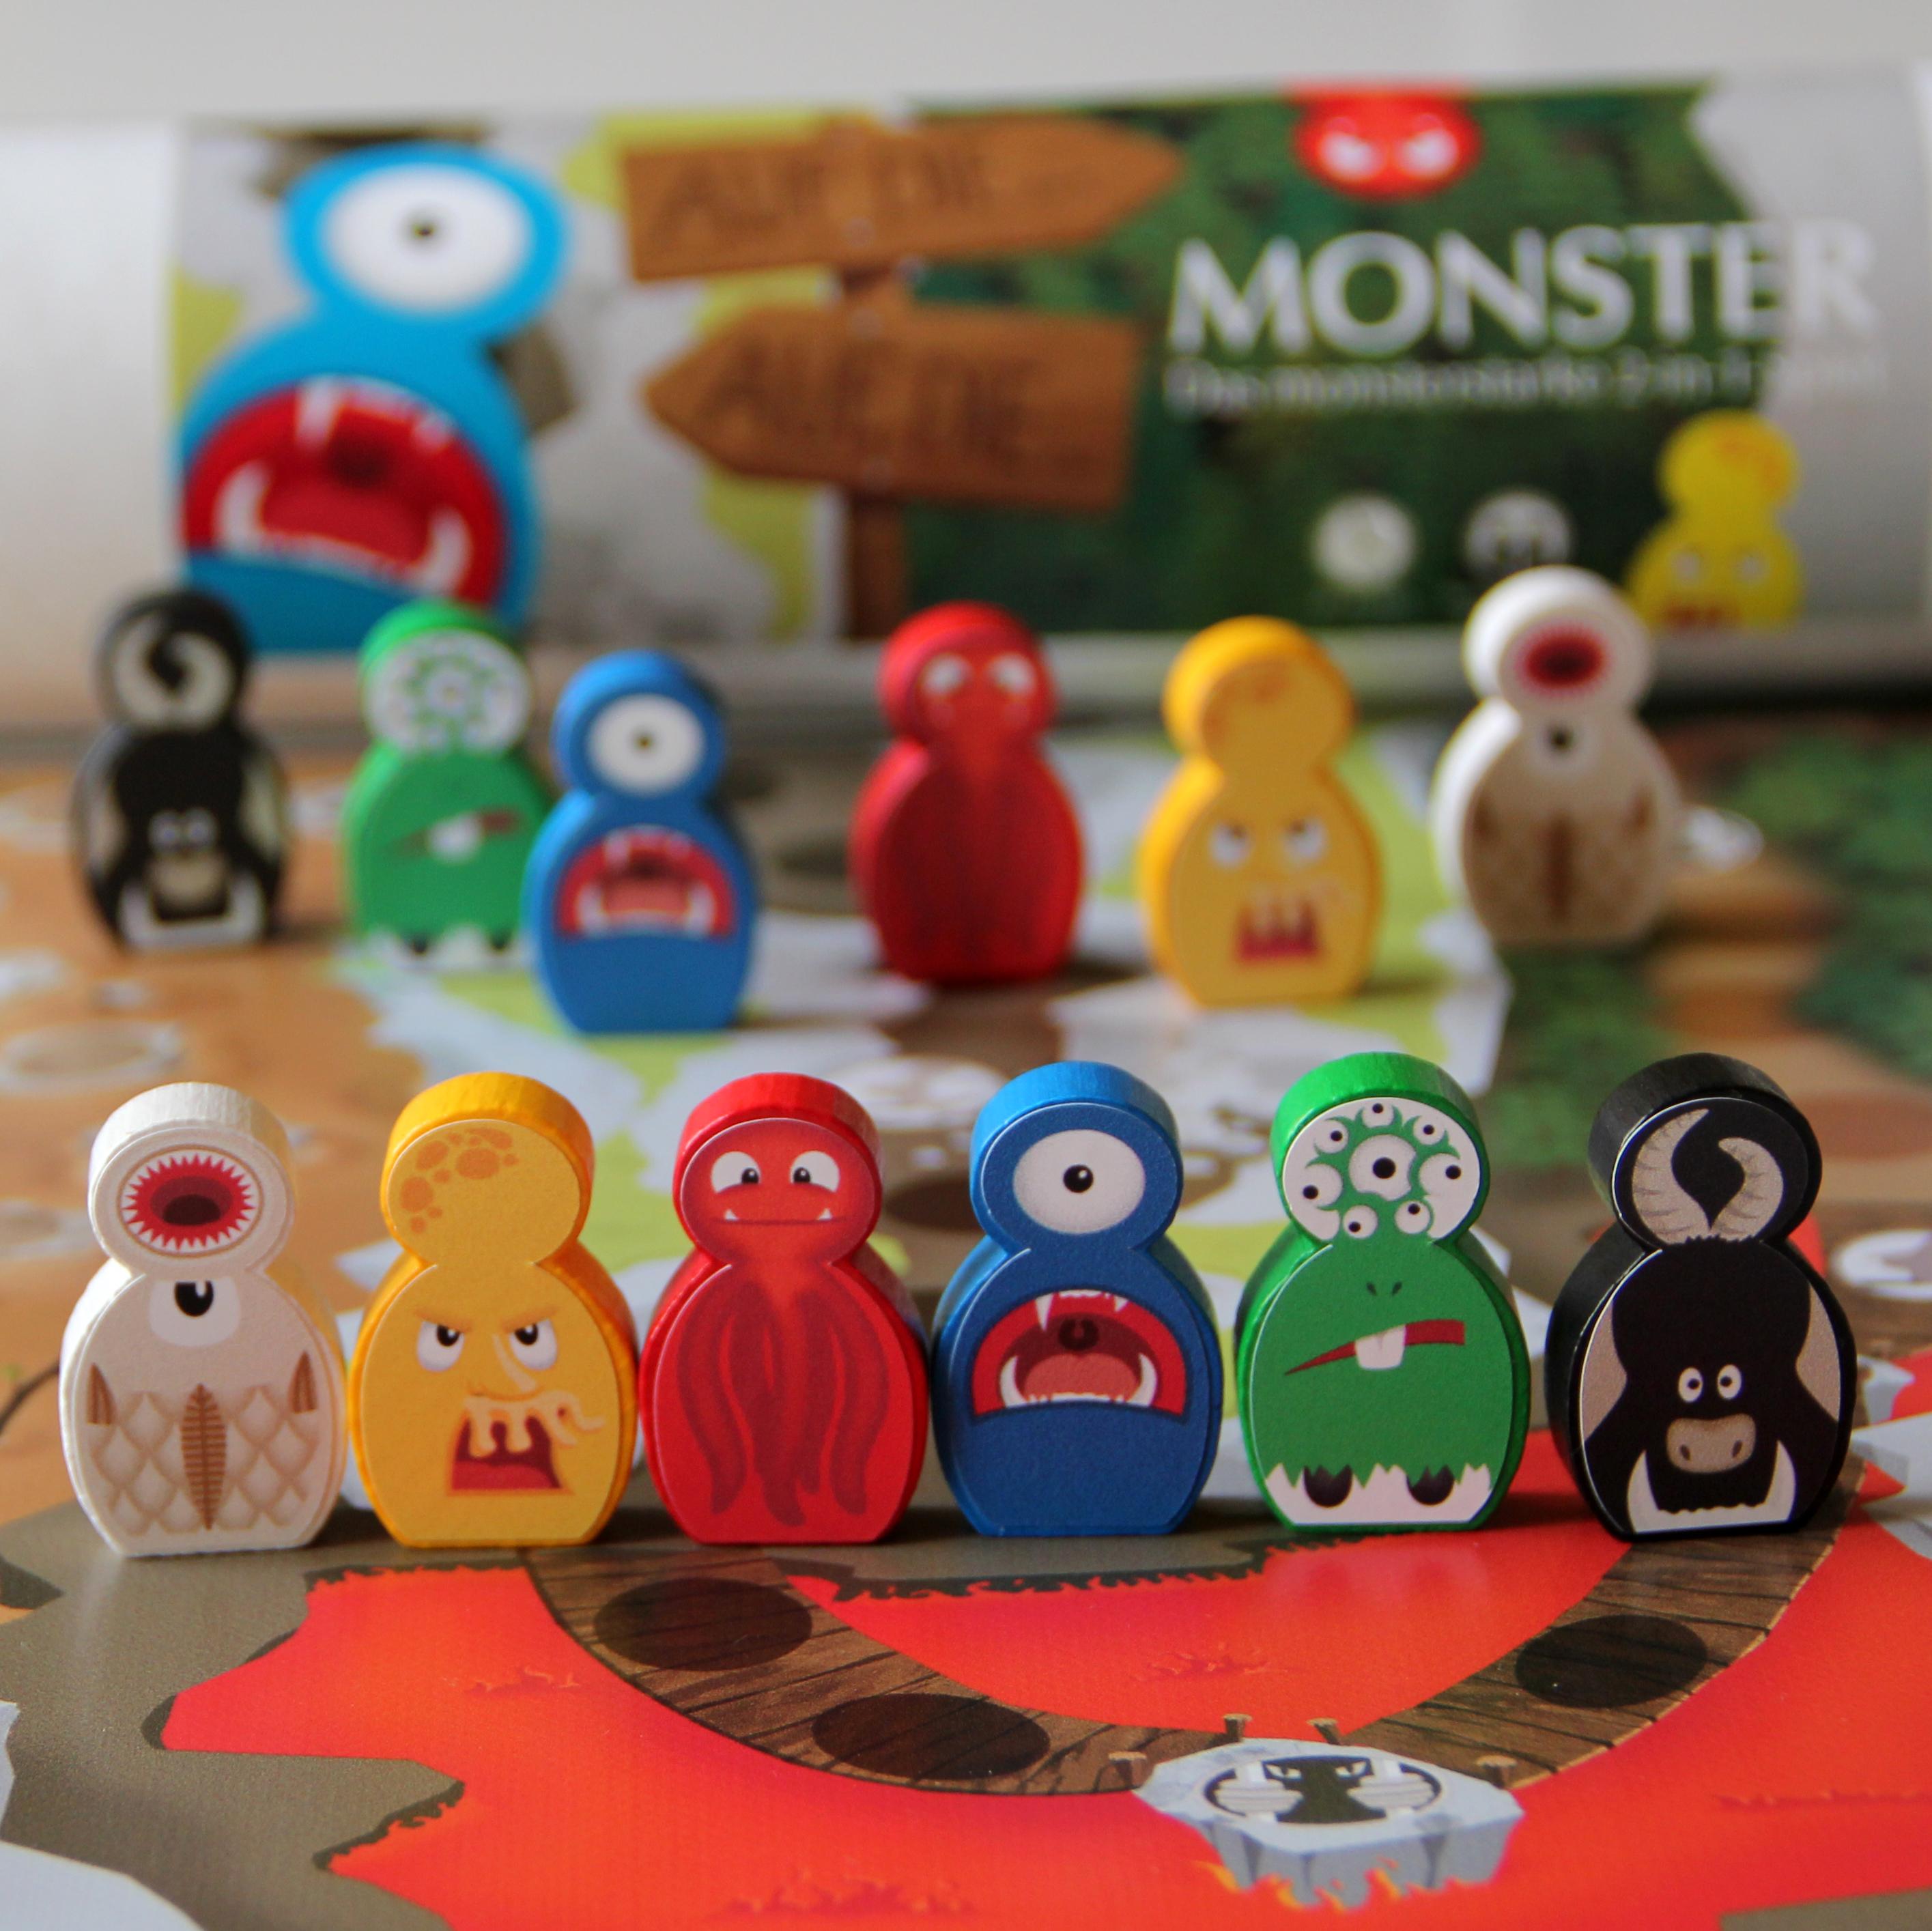 Monster Spile